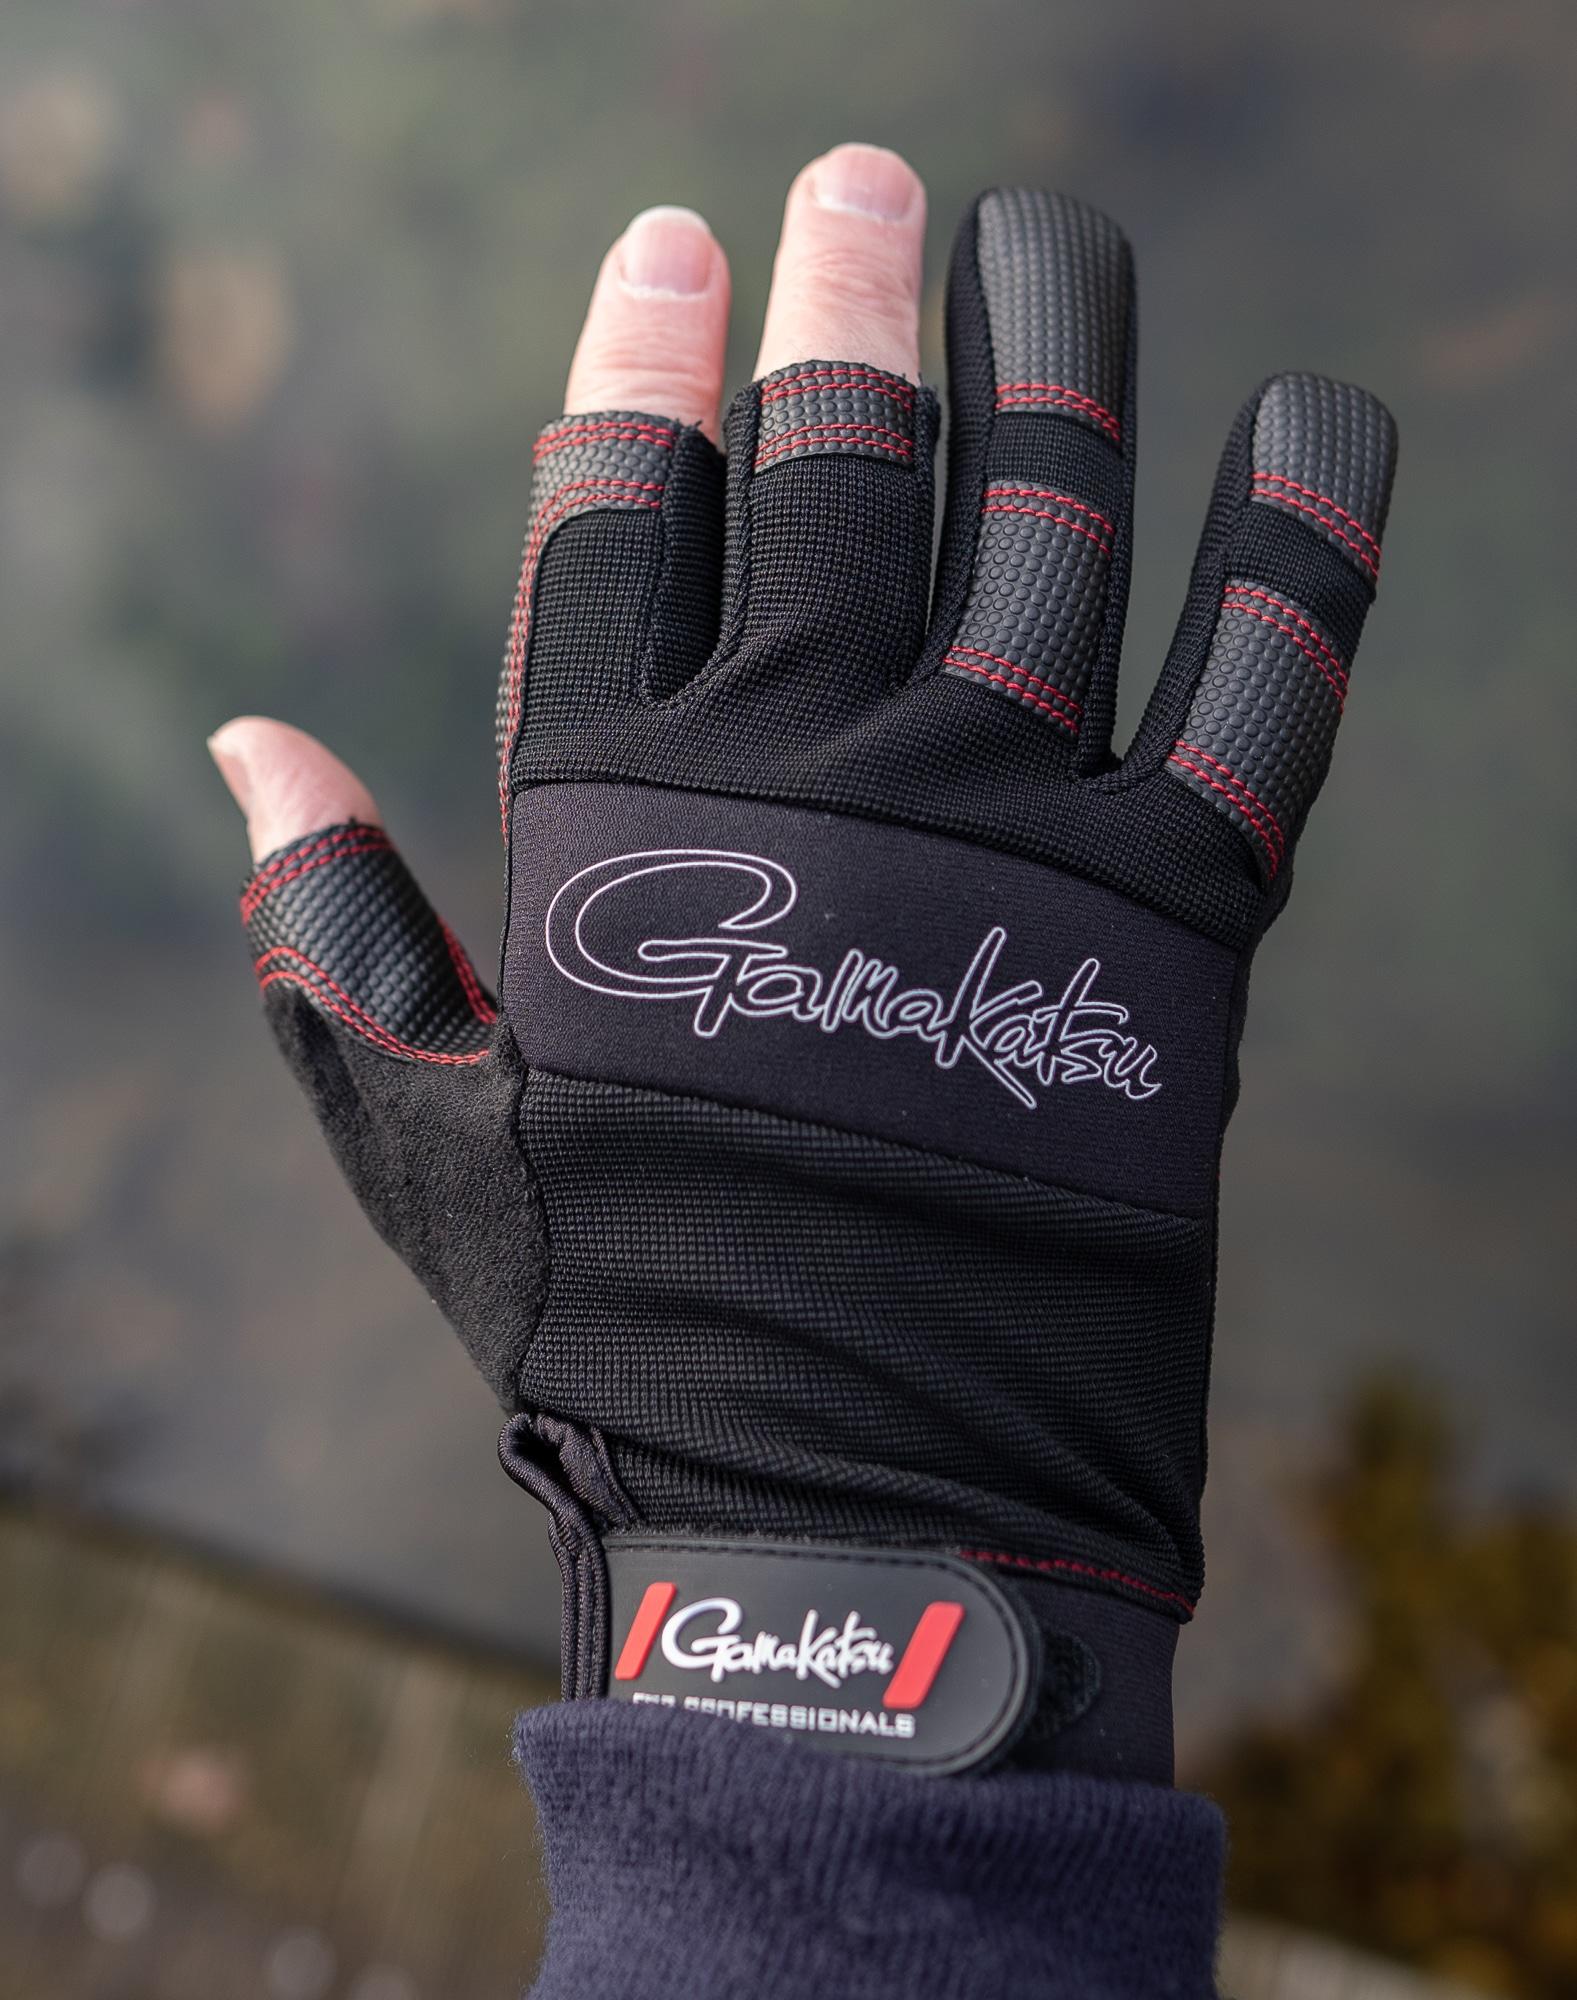 Gonex Angelhandschuhe Jagdhandschuhe f/ür M/änner Frauen UPF 50 Verschlei/ßfeste Handfl/äche Halbfinger Kurzhandschuhe Sonnenschutzhandschuhe zum Segeln Angeln Bootfahren Outdoor-Sport-Handschuhe